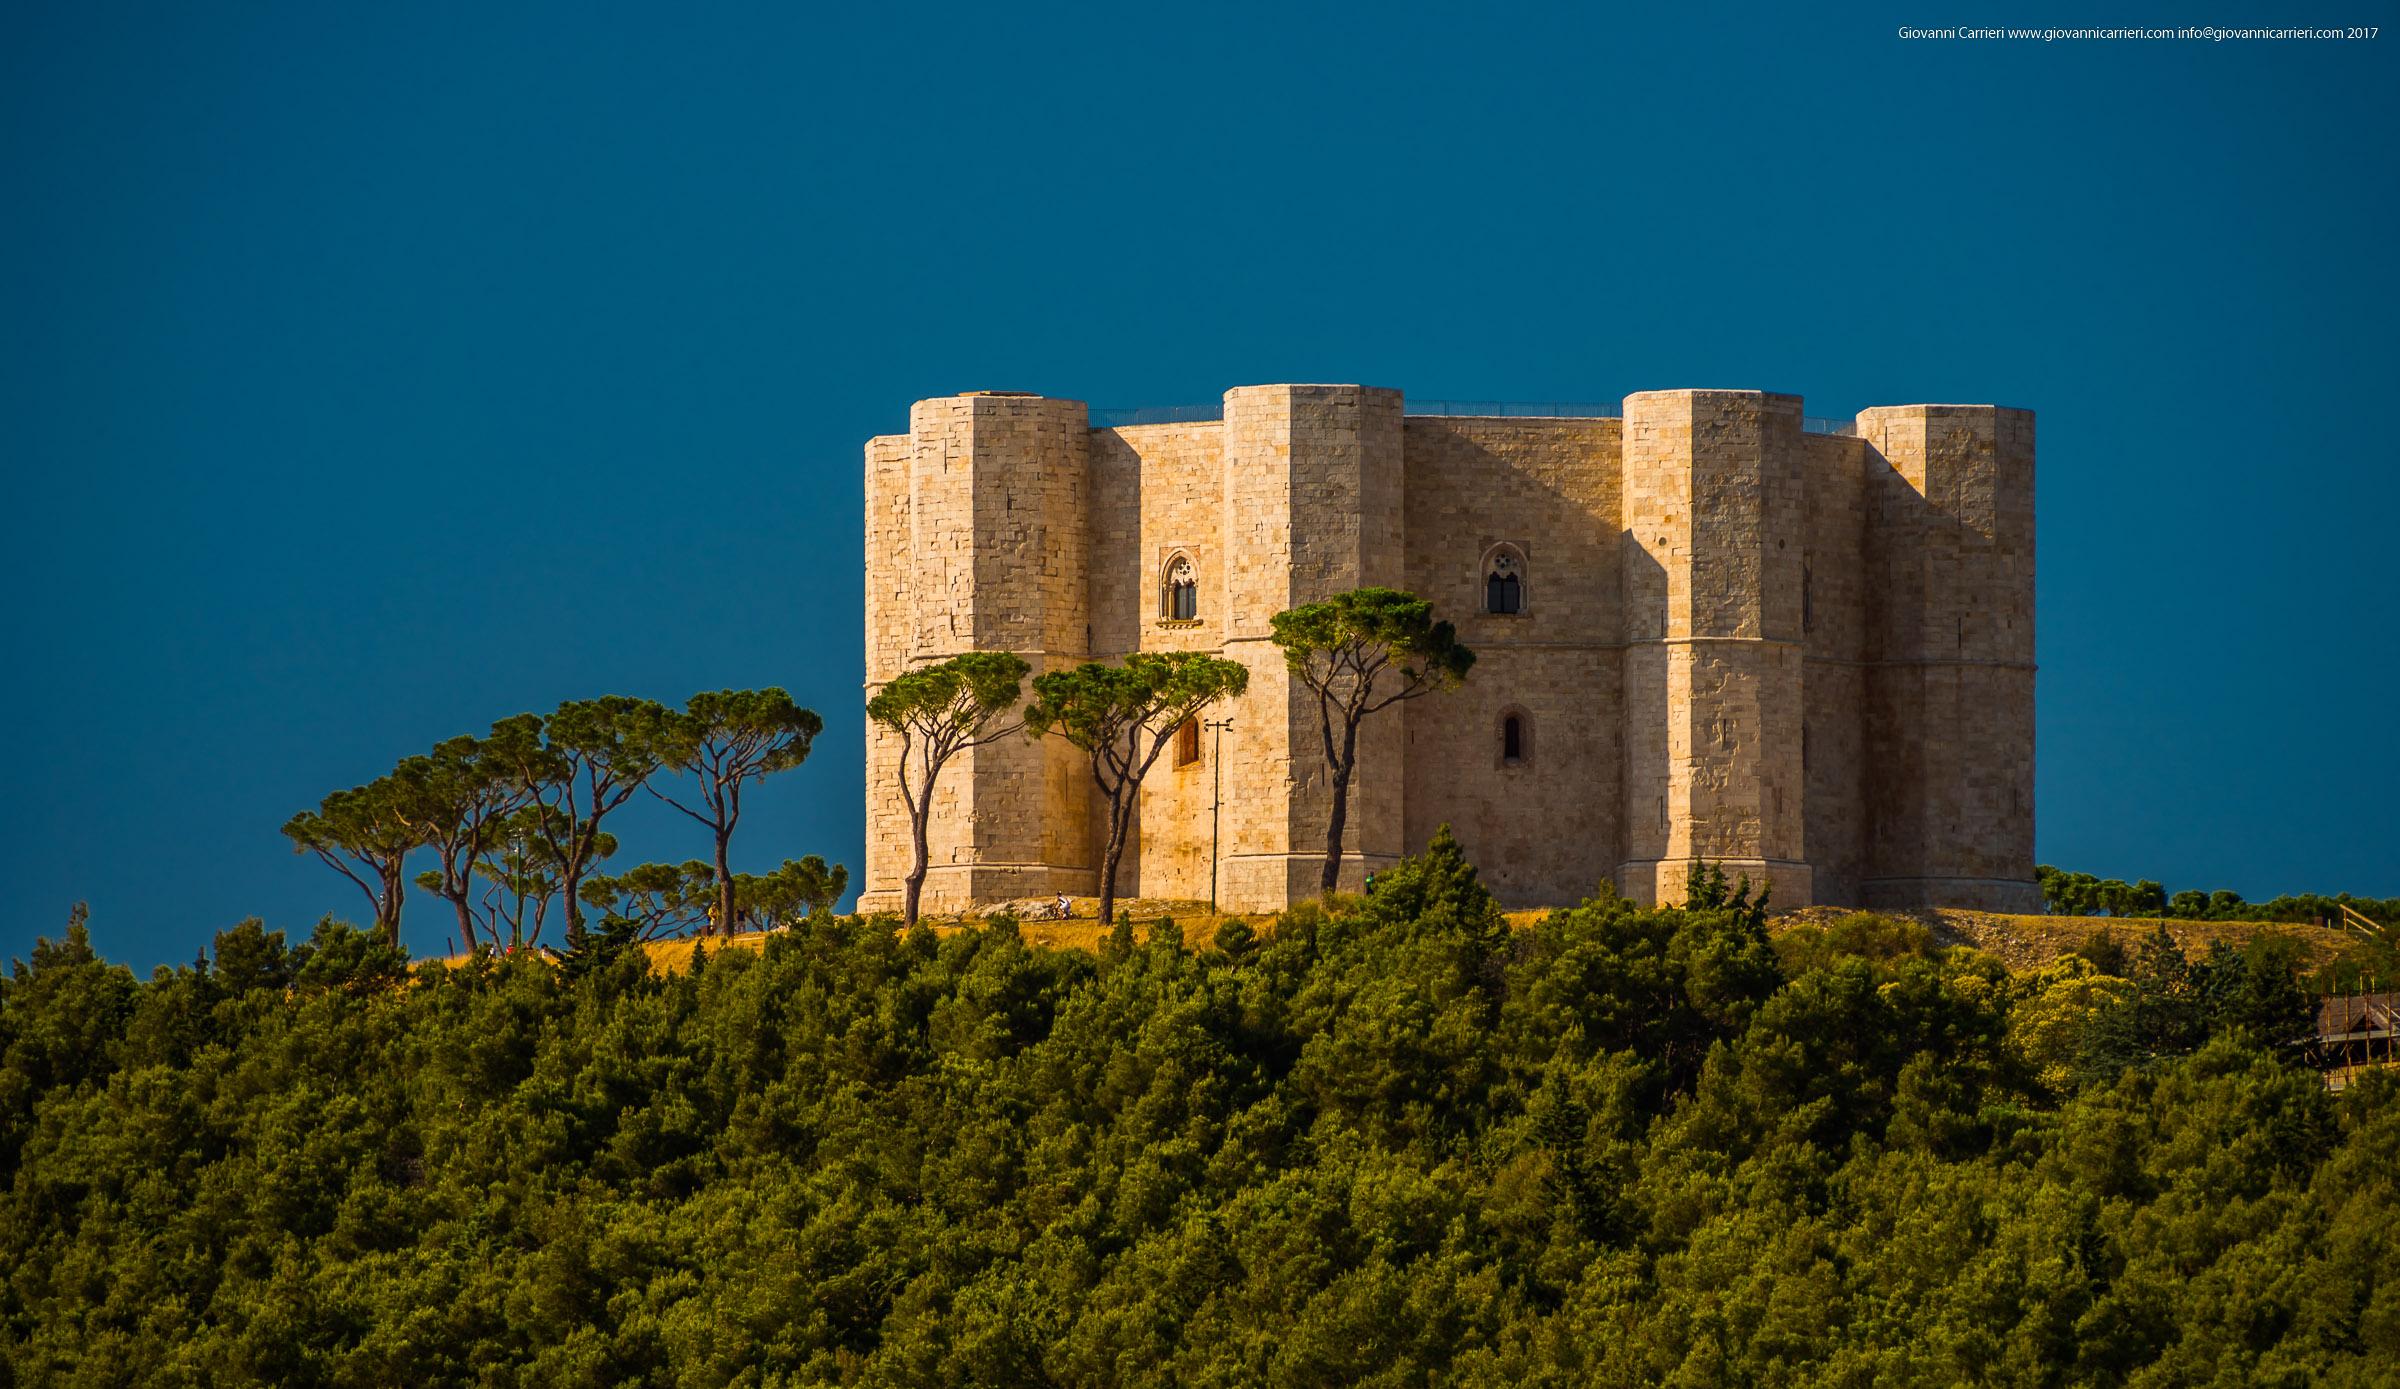 Castel del Monte visto in lontananza al tramonto